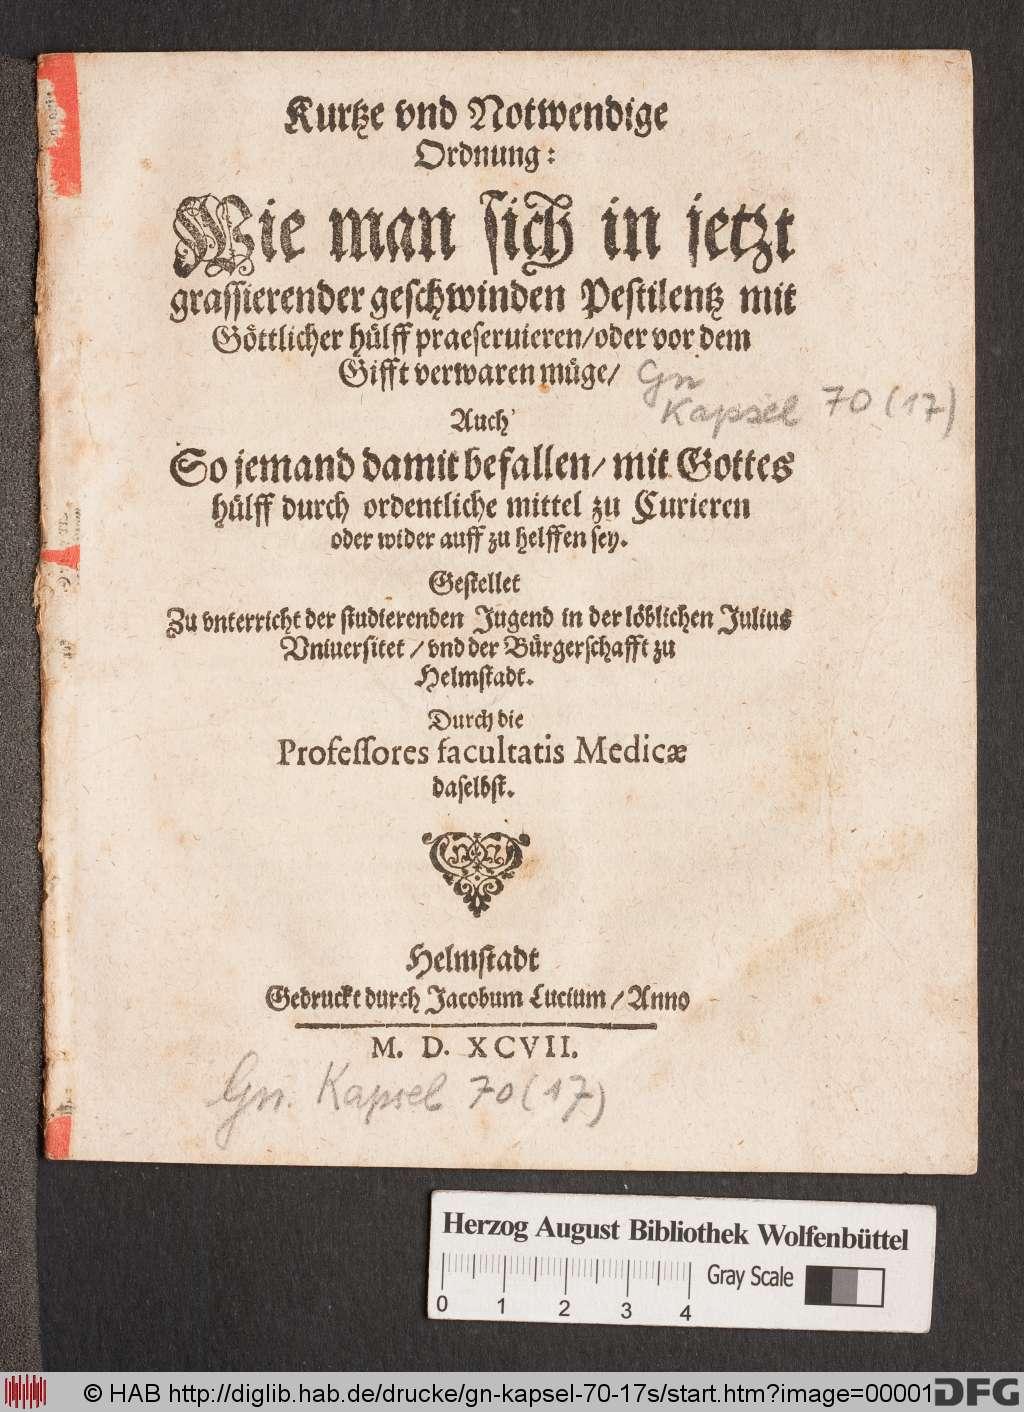 http://diglib.hab.de/drucke/gn-kapsel-70-17s/00001.jpg